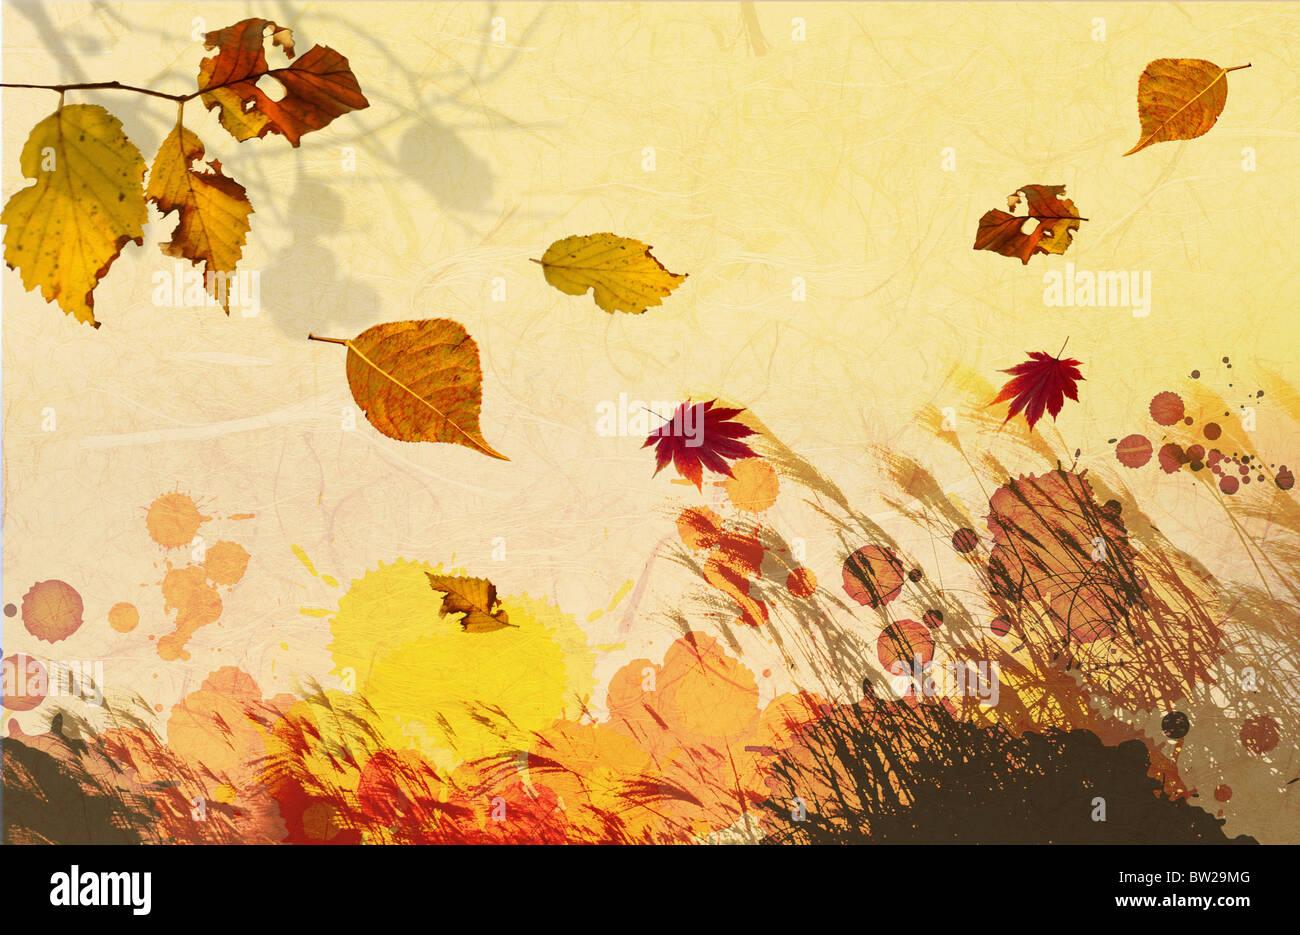 Les feuilles d'automne dans l'illustration Banque D'Images